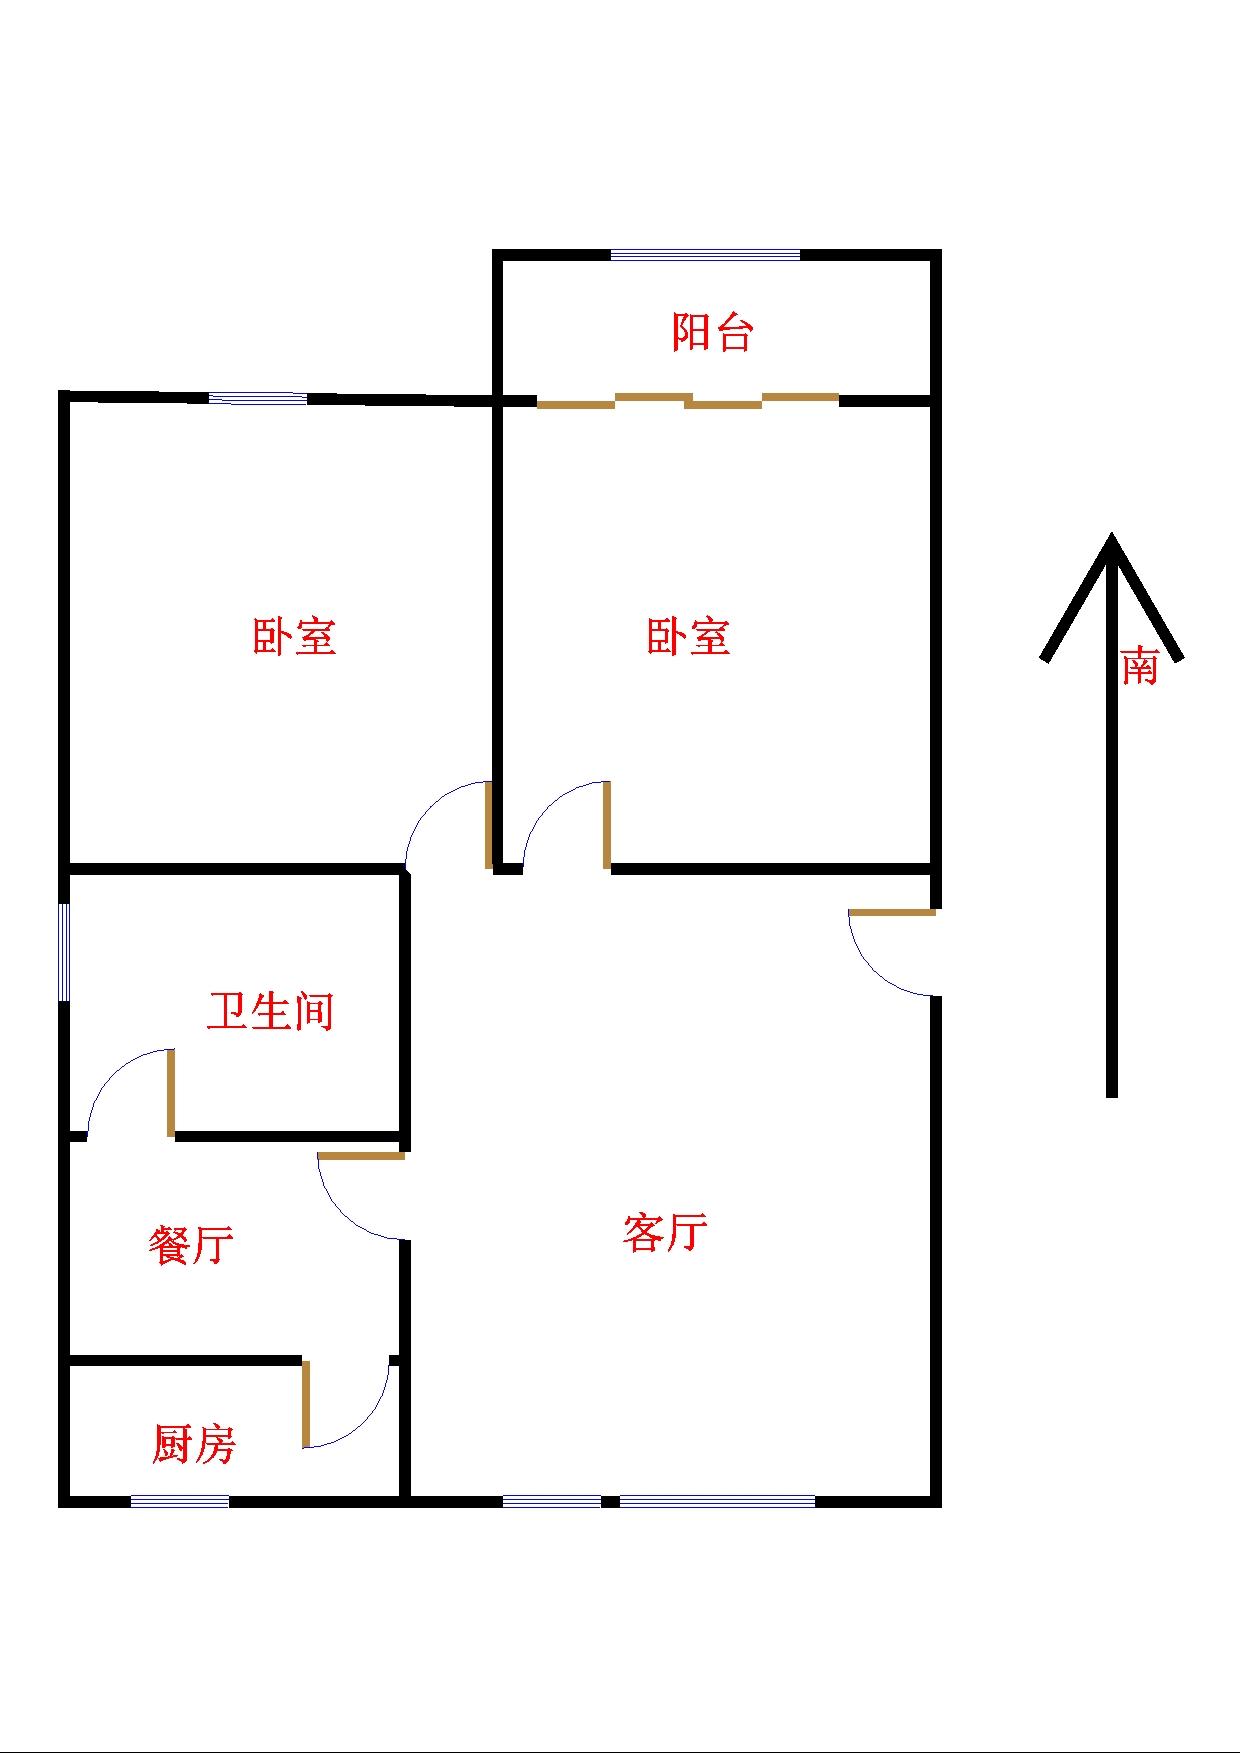 湘江小区北区 2室2厅 双证齐全过五年 简装 86万